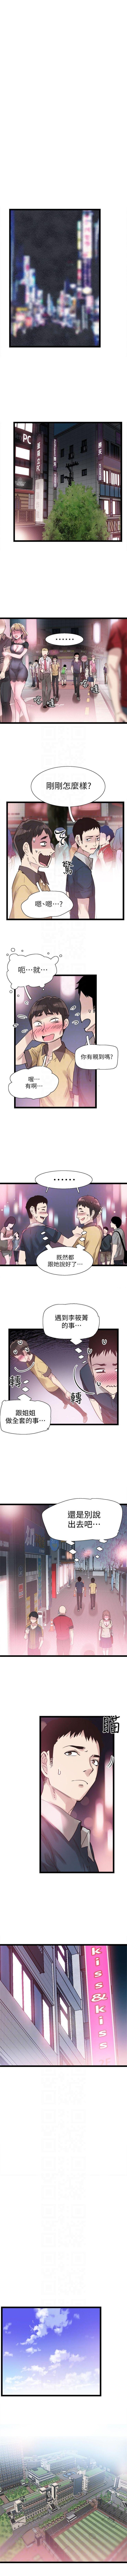 (週7)校園live秀 1-50 中文翻譯(更新中) 68